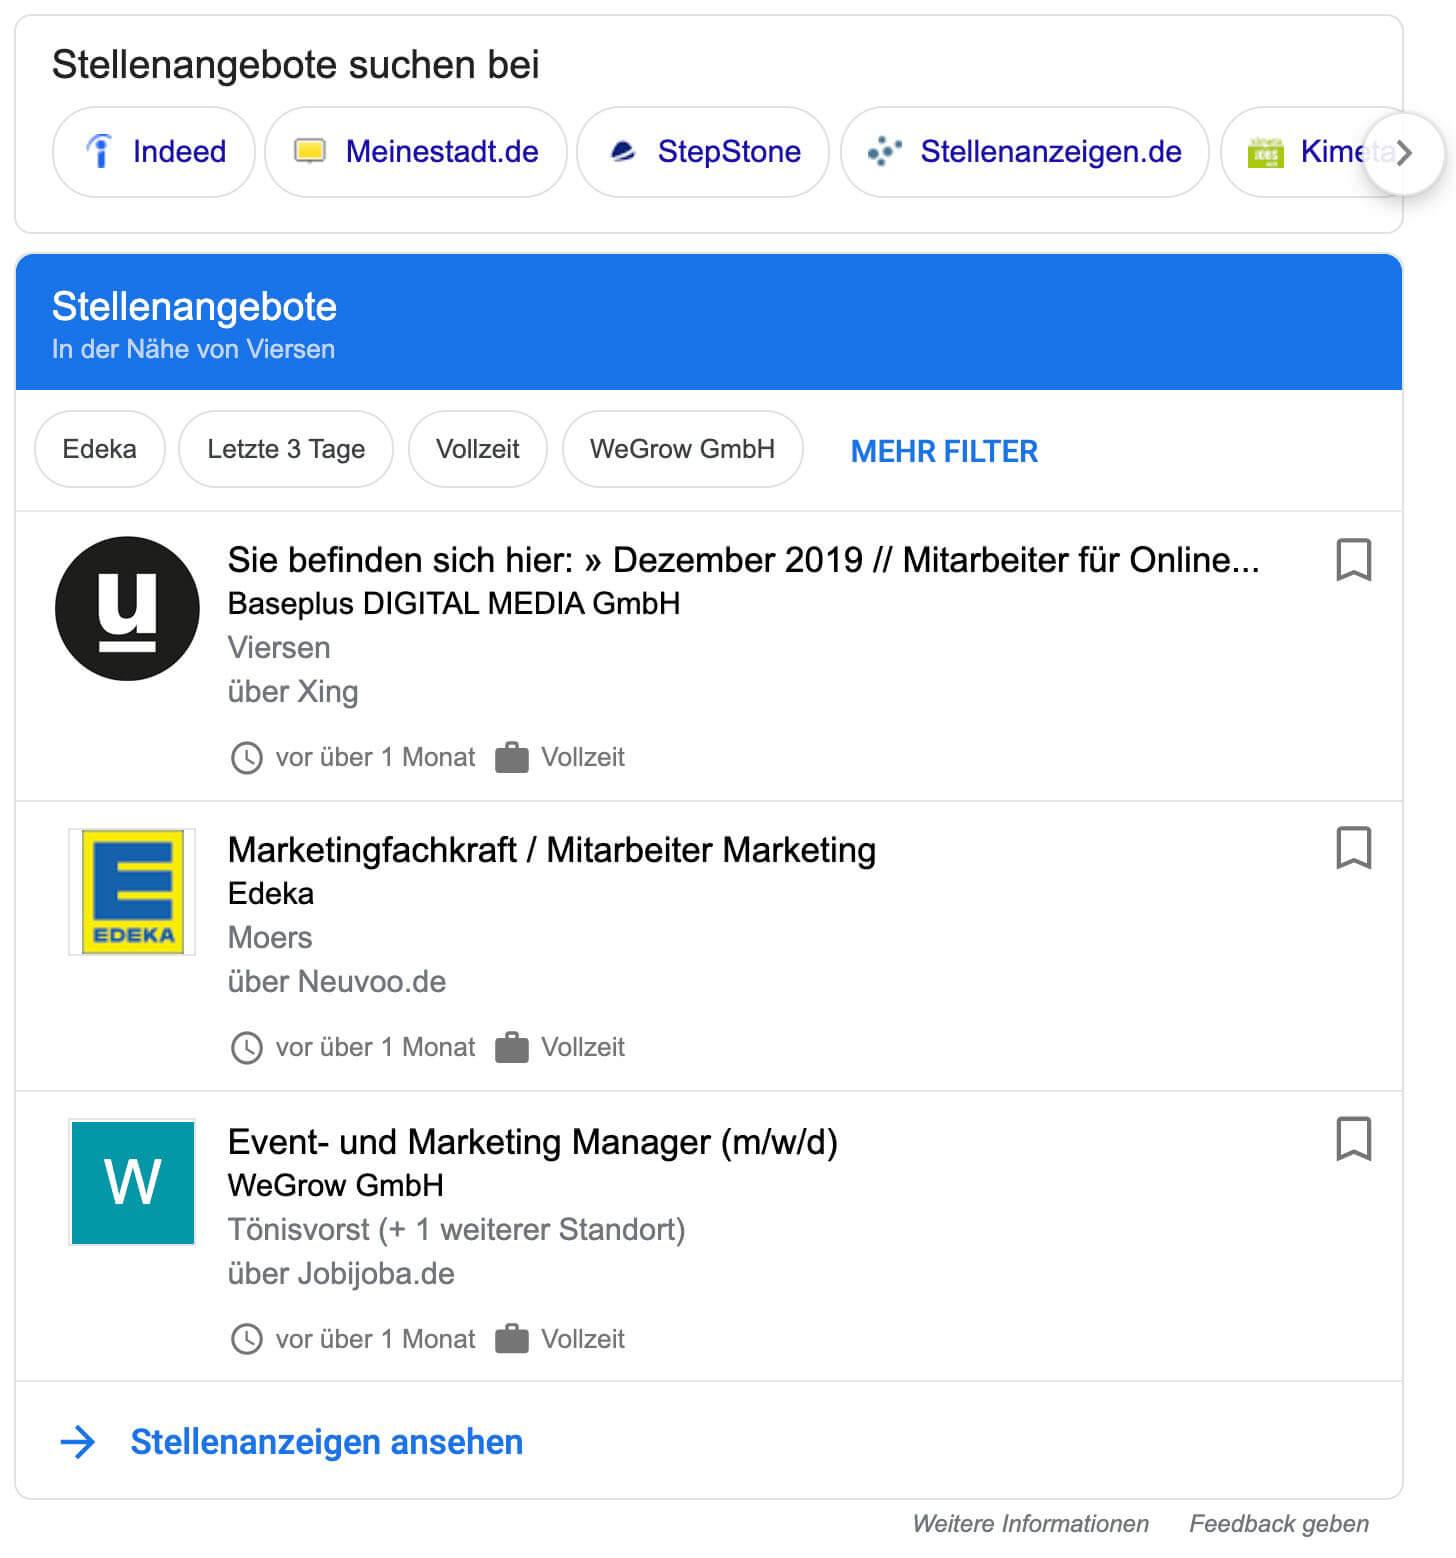 Stellenangebote Gogle for Jobs Darstellung schema.org